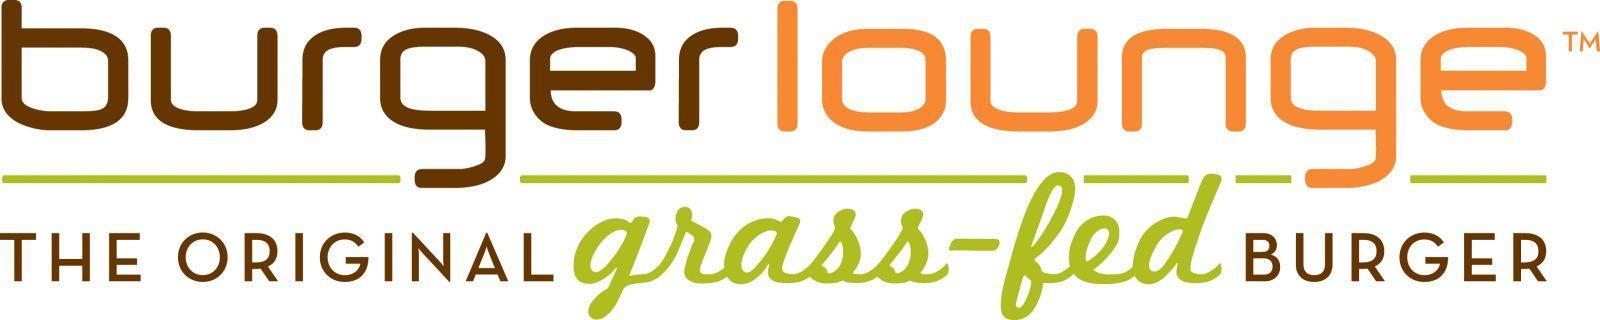 Burger Lounge – Carlsbad logo